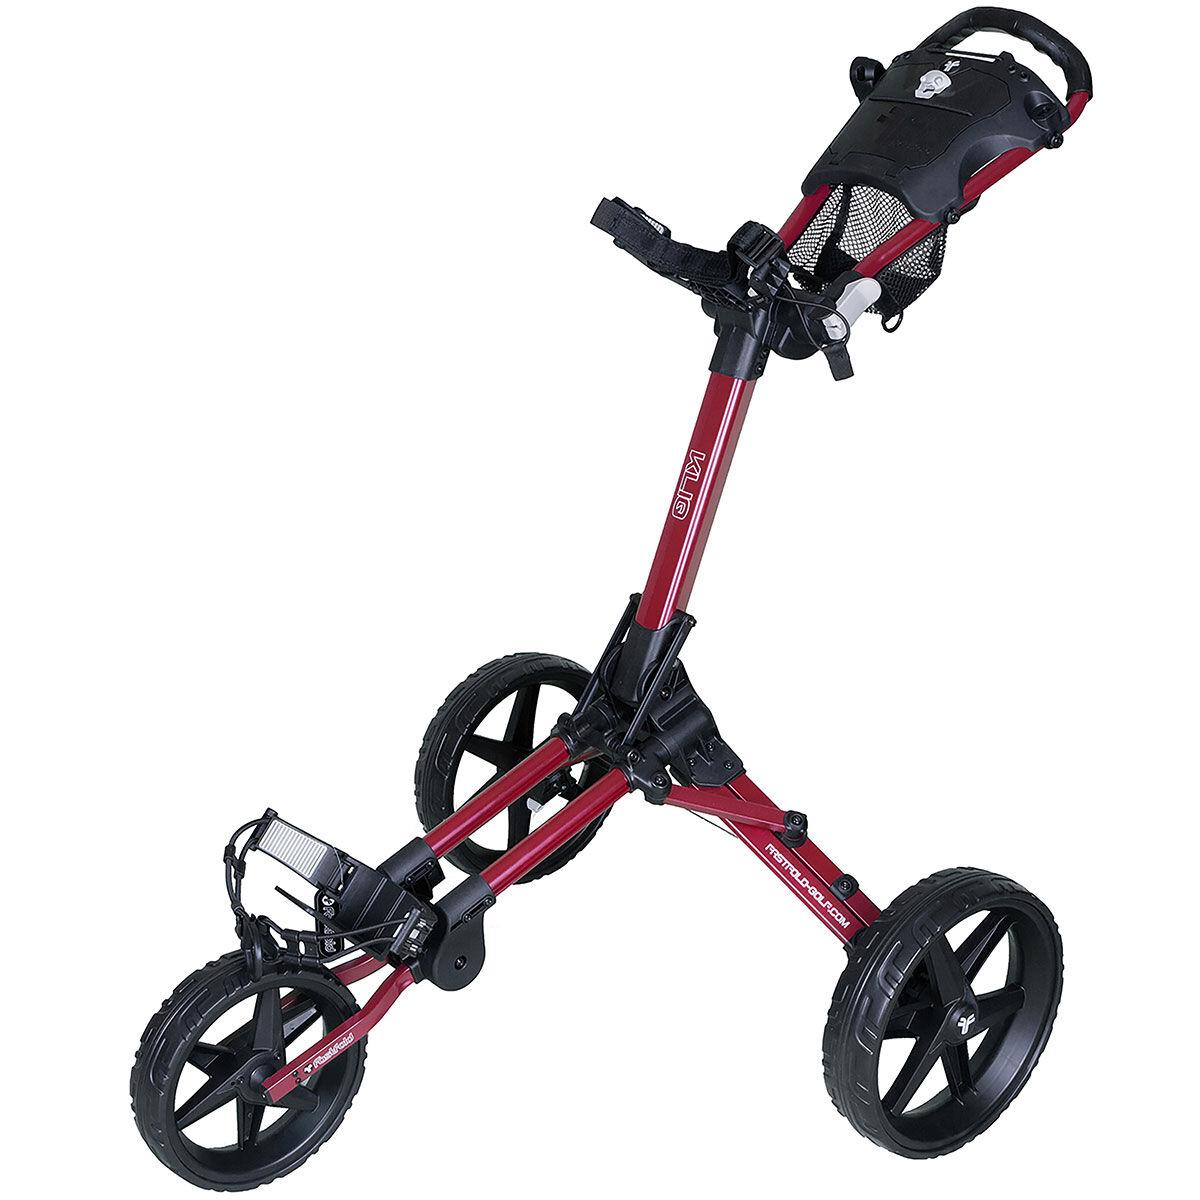 Fast Fold Kliq 3 Wheel Push Golf Trolley, Burgundy/black | American Golf